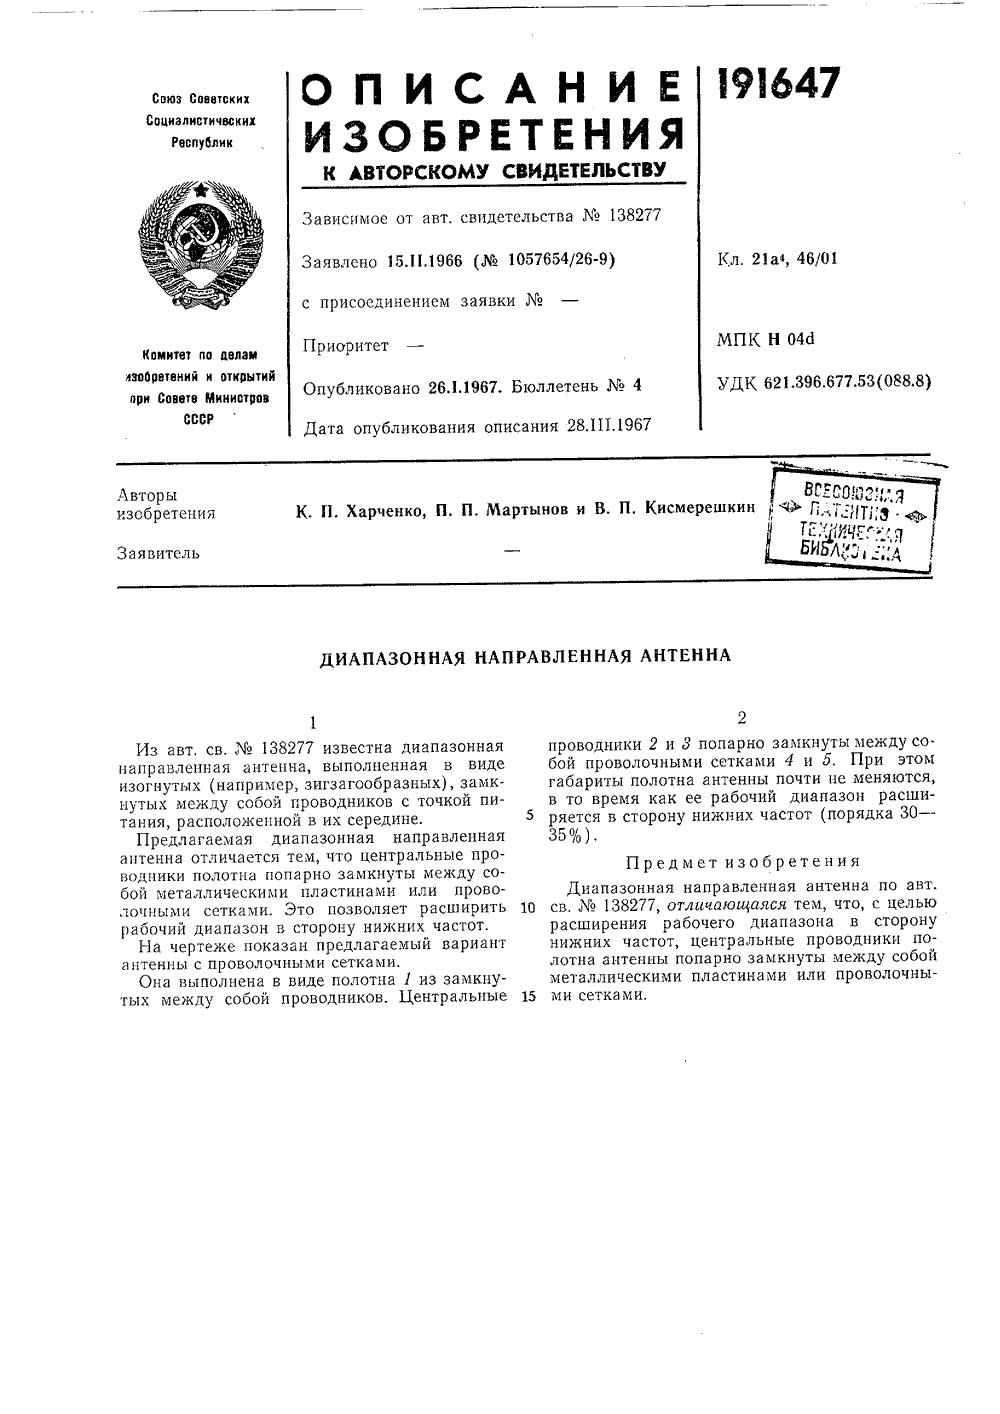 Нажмите на изображение для увеличения.  Название:191647-diapazonnaya-napravlennaya-antenna-1.png Просмотров:12 Размер:41.8 Кб ID:220171